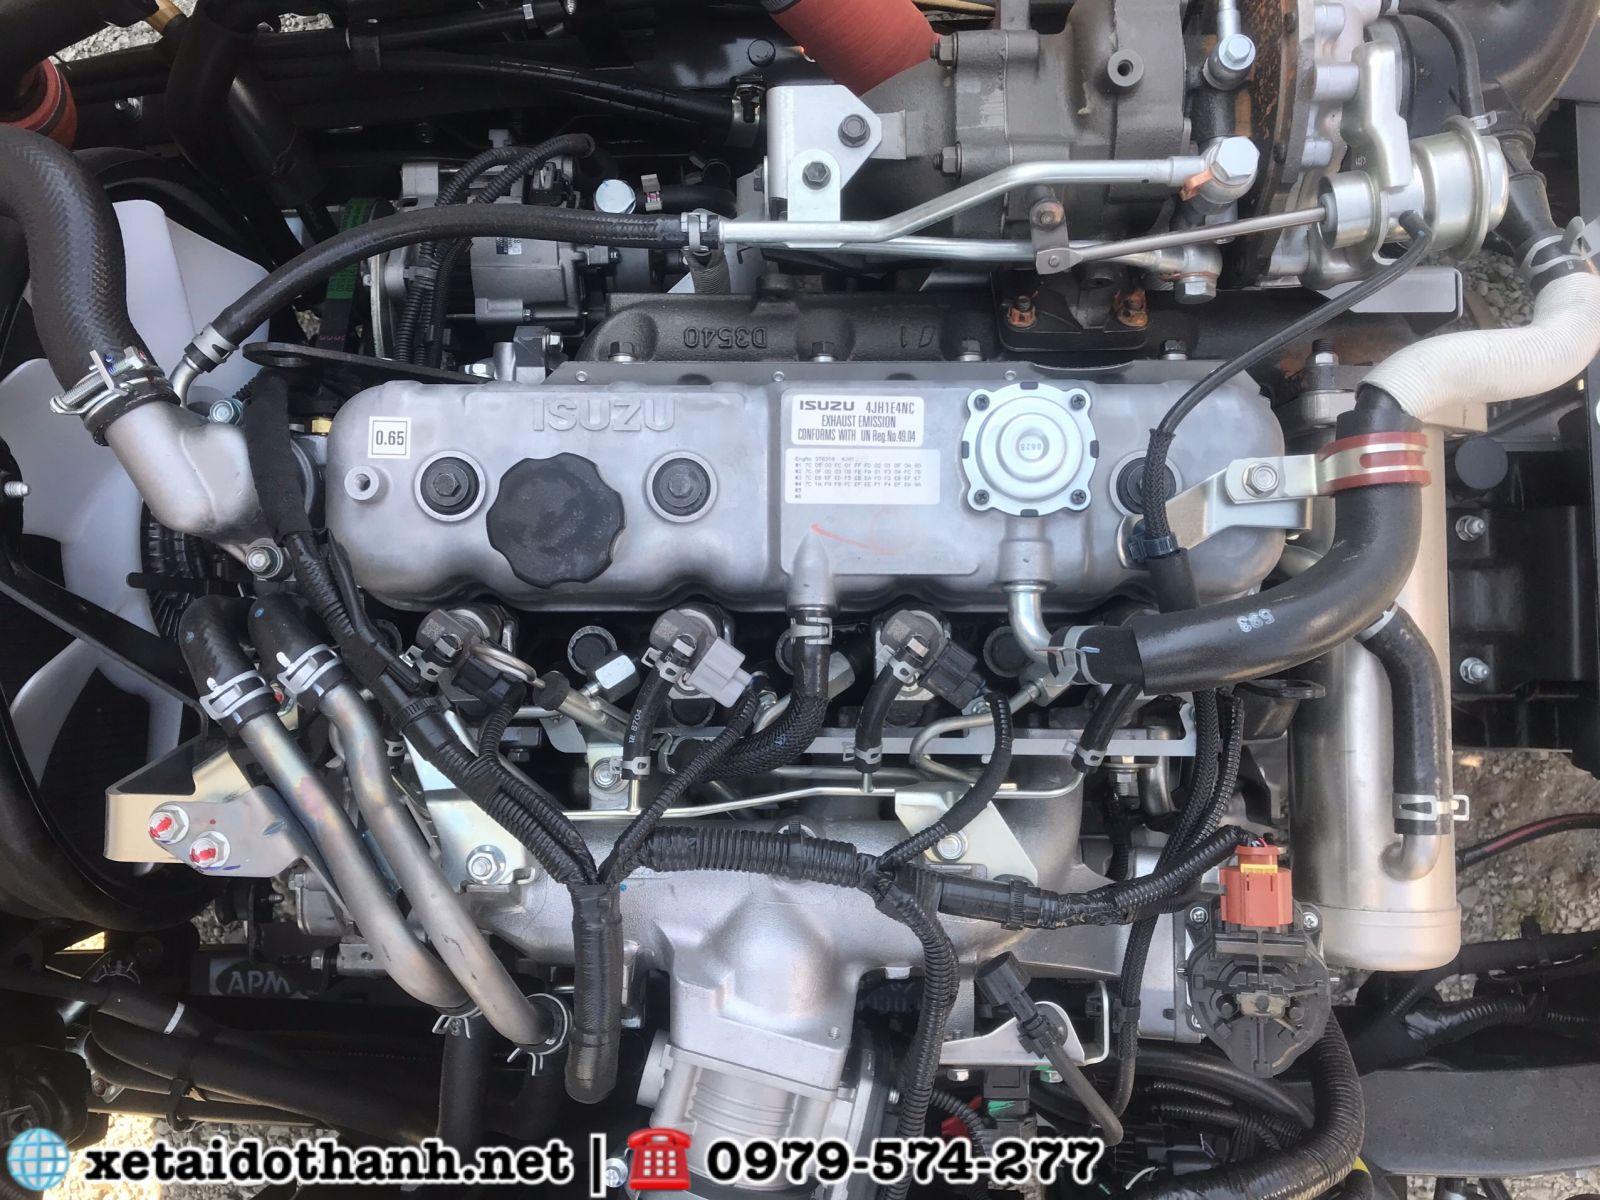 Động cơ Qkr270